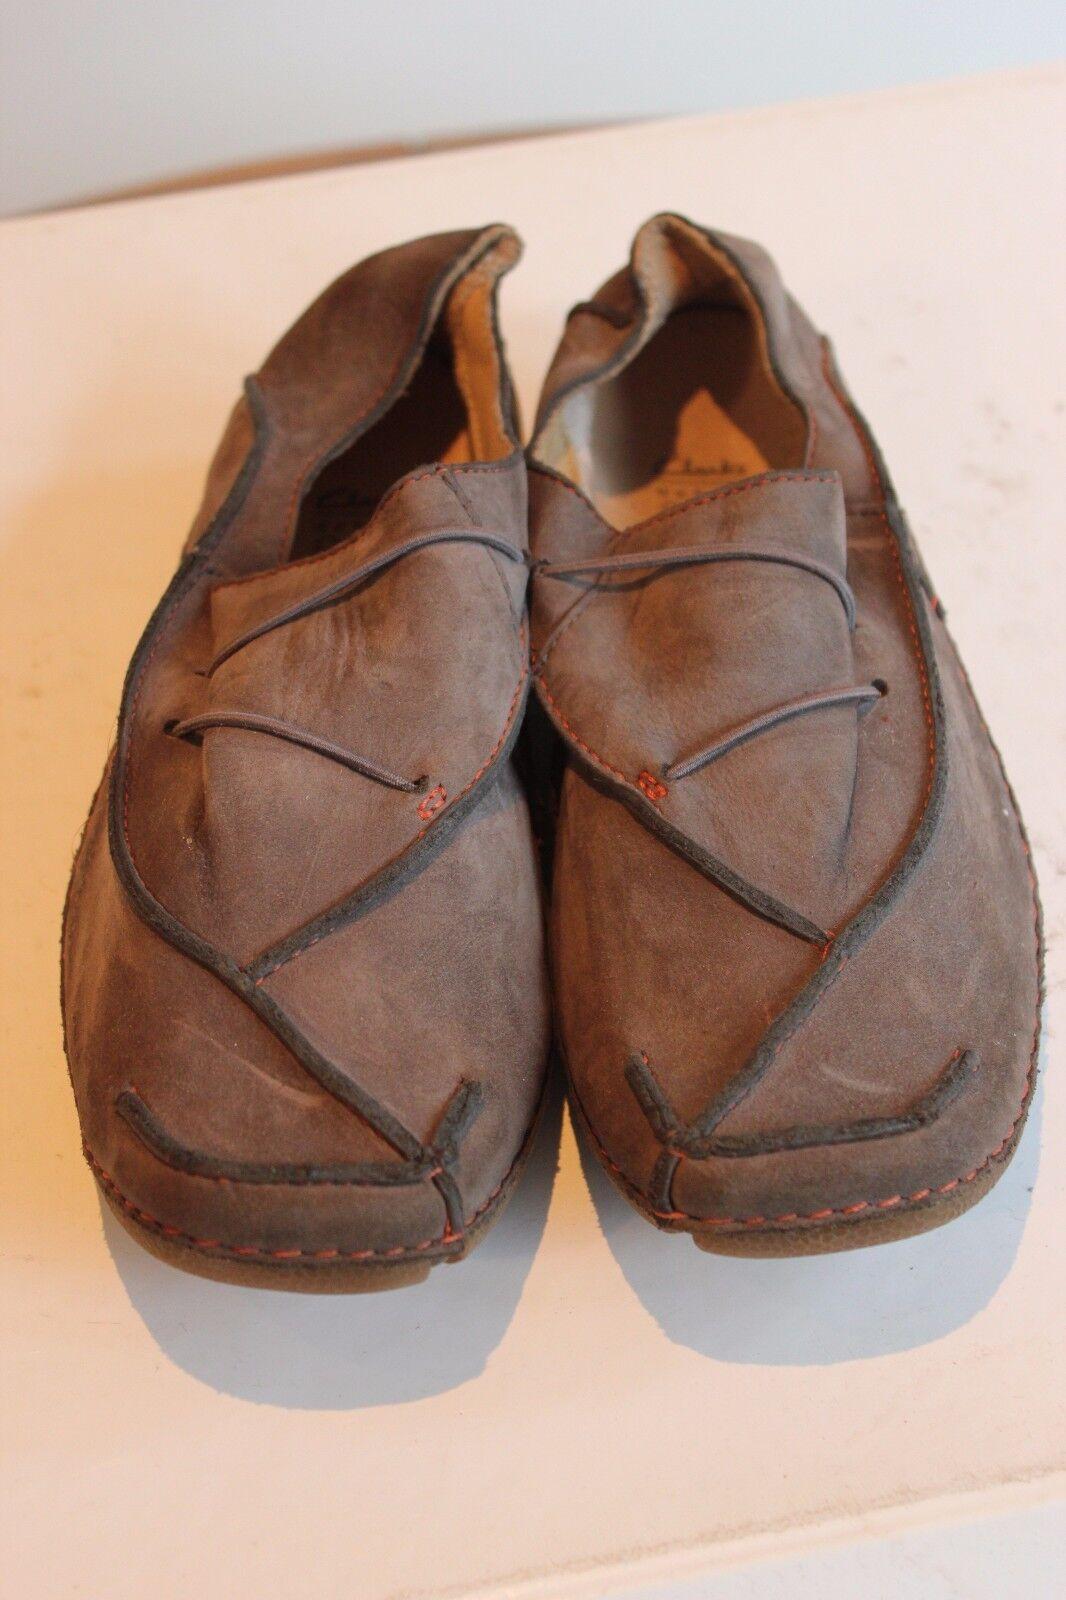 Clarks super bel grigio vera pelle slippers, Tg. 37/uk4